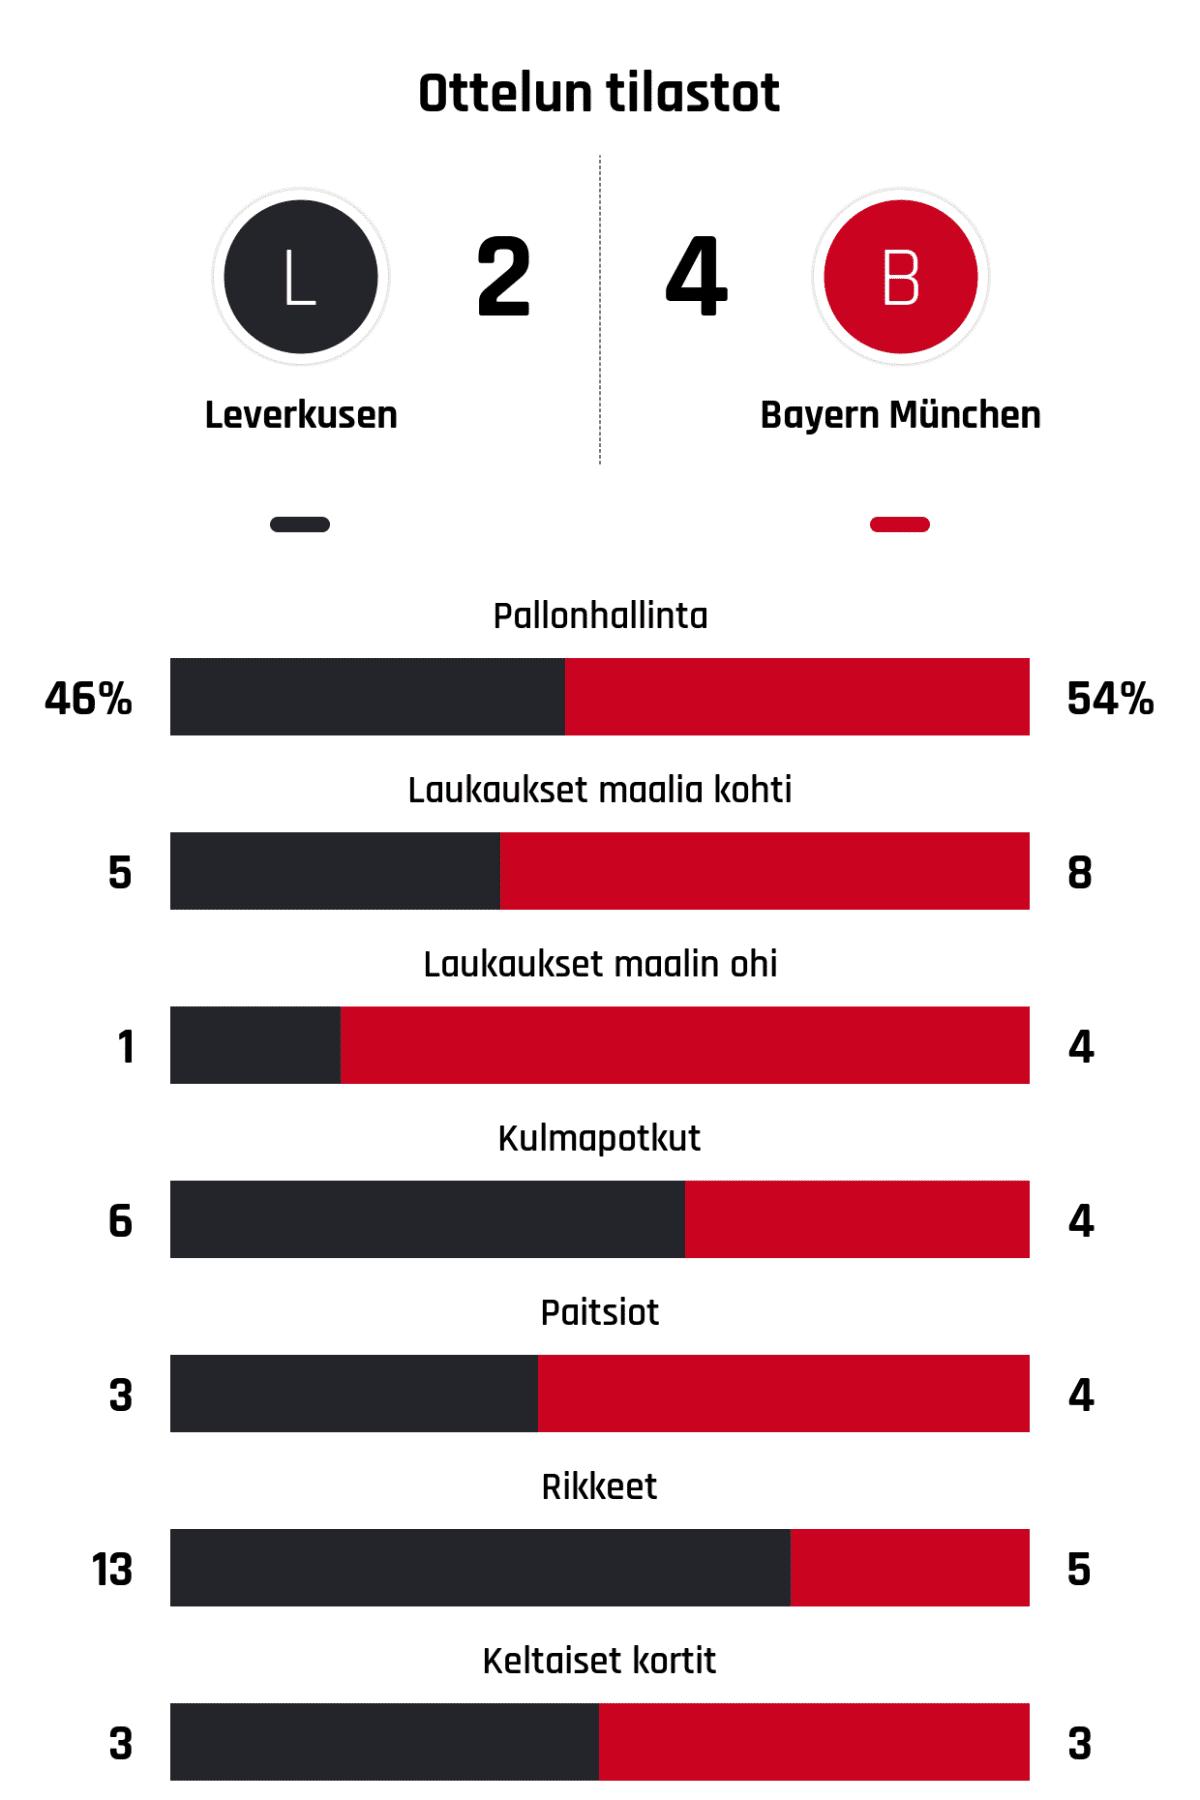 Pallonhallinta 46%-54% Laukaukset maalia kohti 5-8 Laukaukset maalin ohi 1-4 Kulmapotkut 6-4 Paitsiot 3-4 Rikkeet 13-5 Keltaiset kortit 3-3